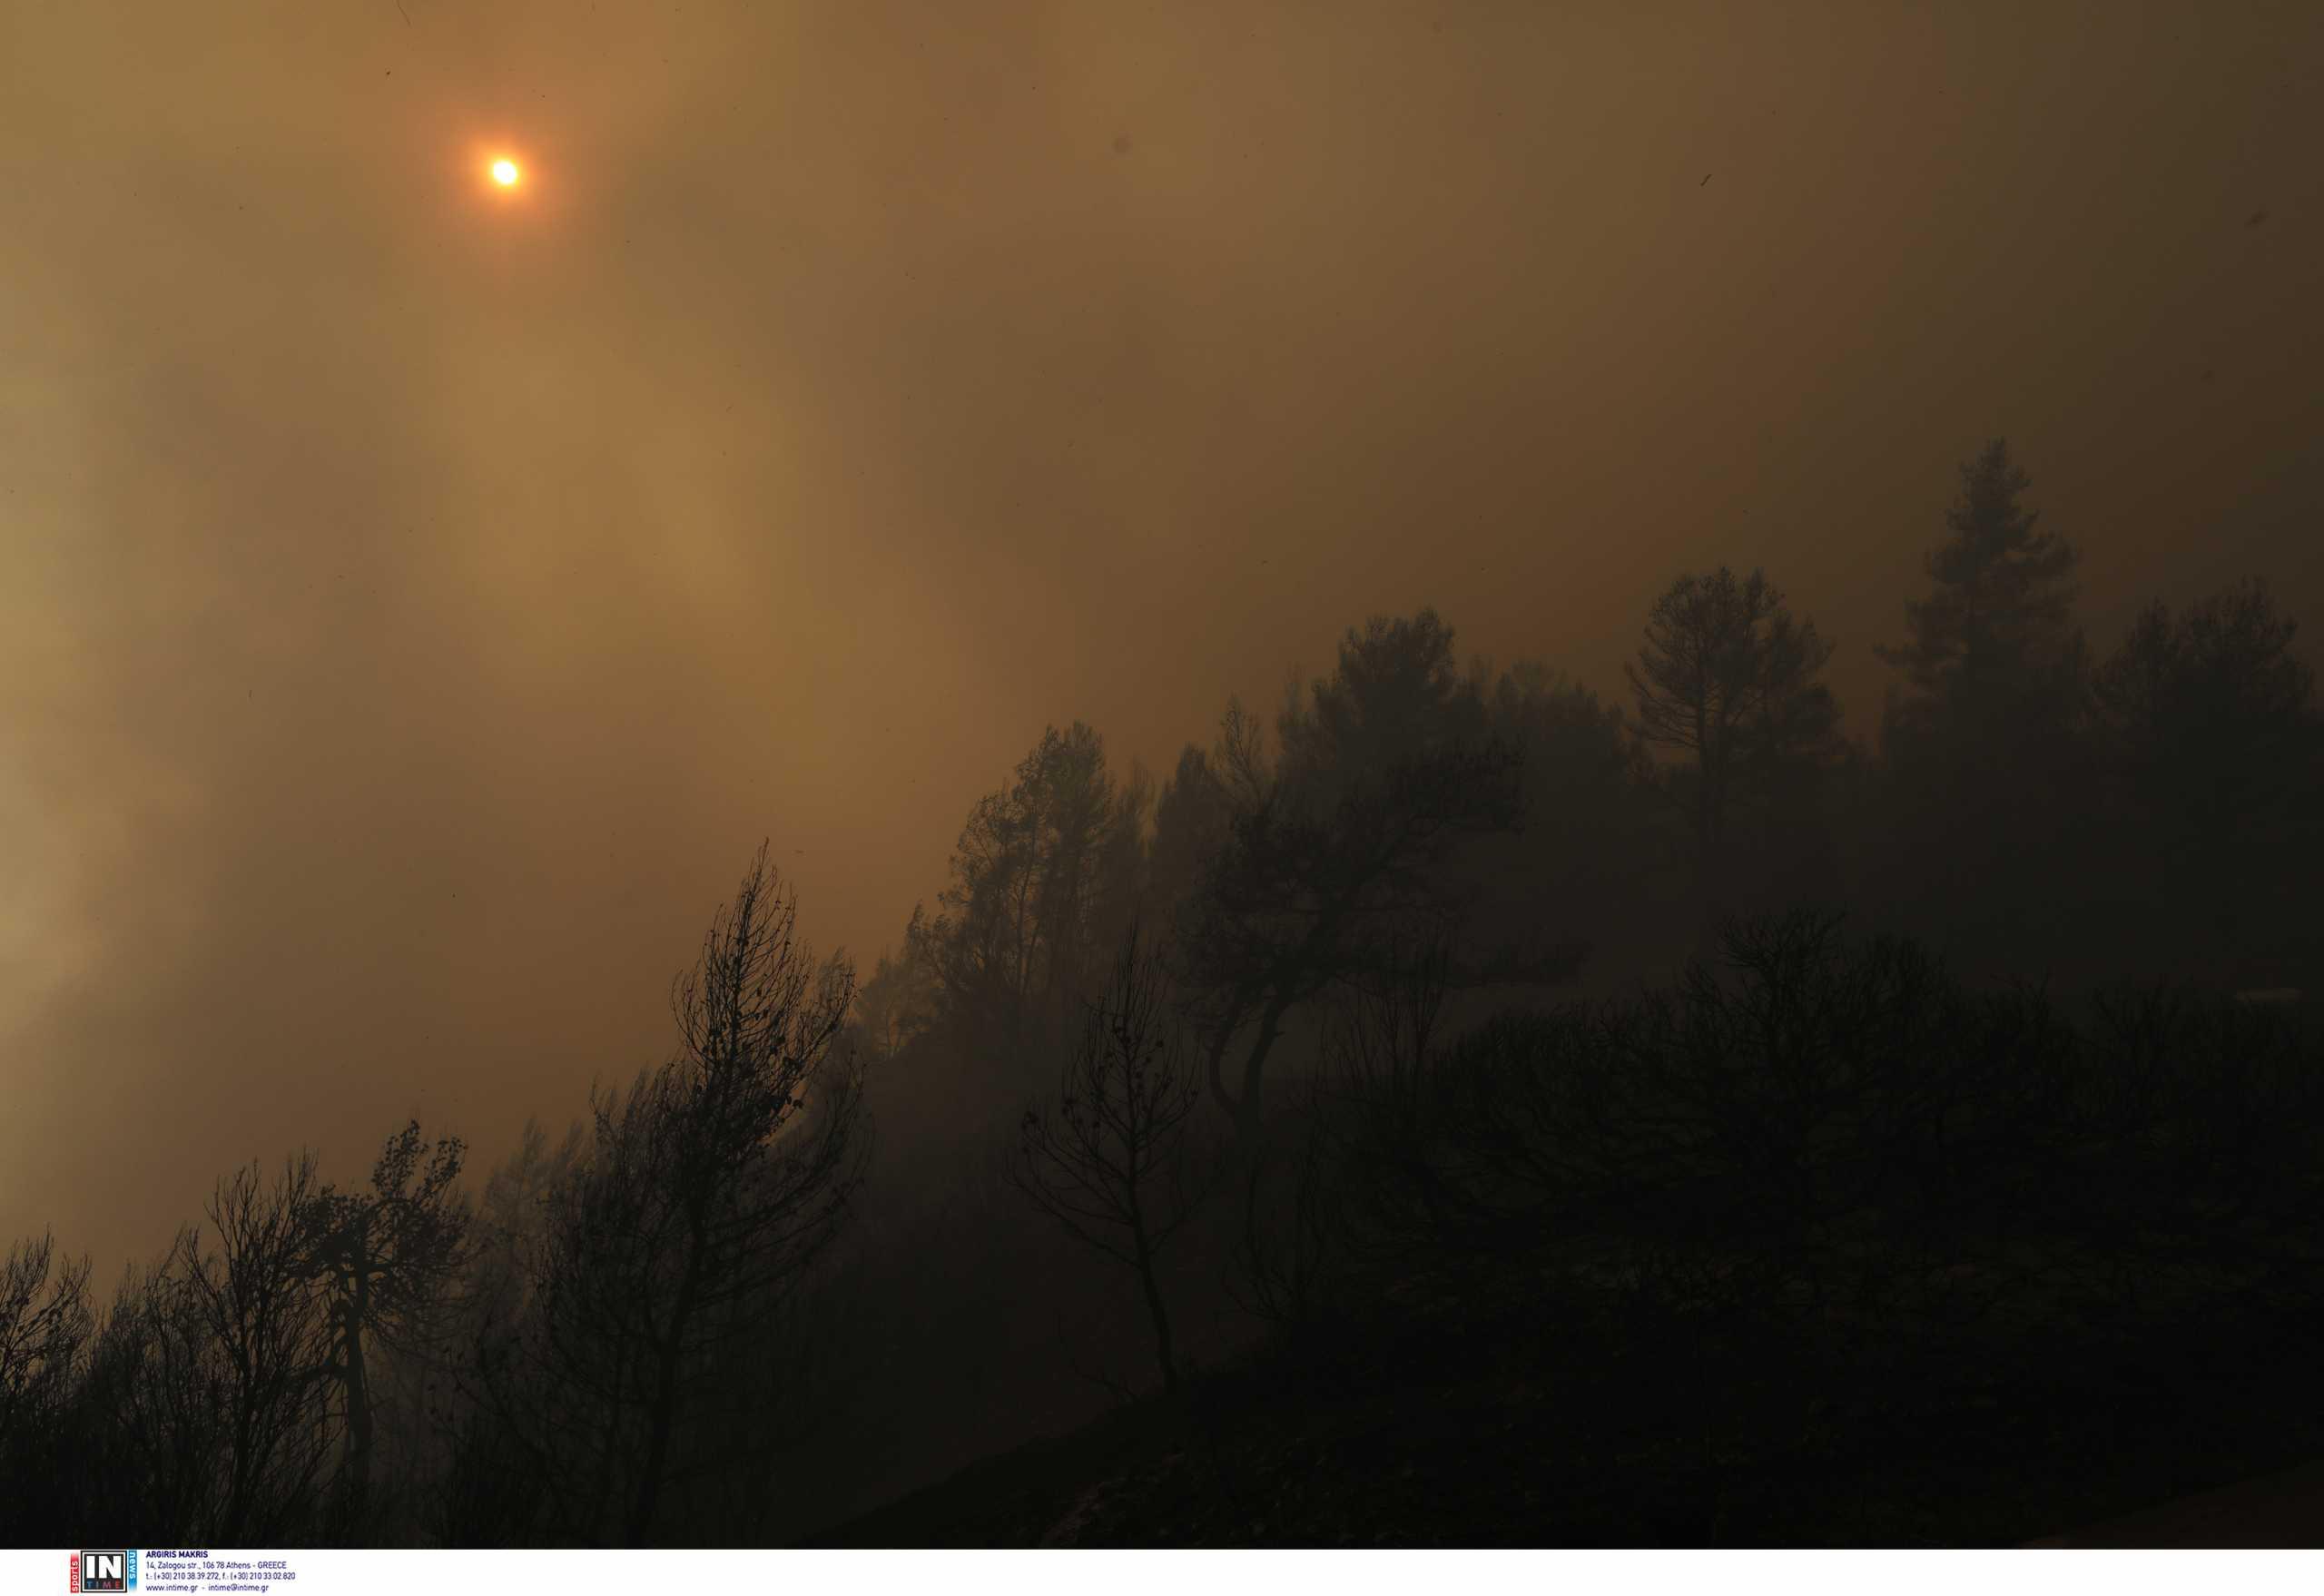 Φωτιά στην Κορινθία: Εκατοντάδες κάτοικοι εγκατέλειψαν τα σπίτια τους – «Τέτοια κόλαση δεν έχω ξαναδεί»